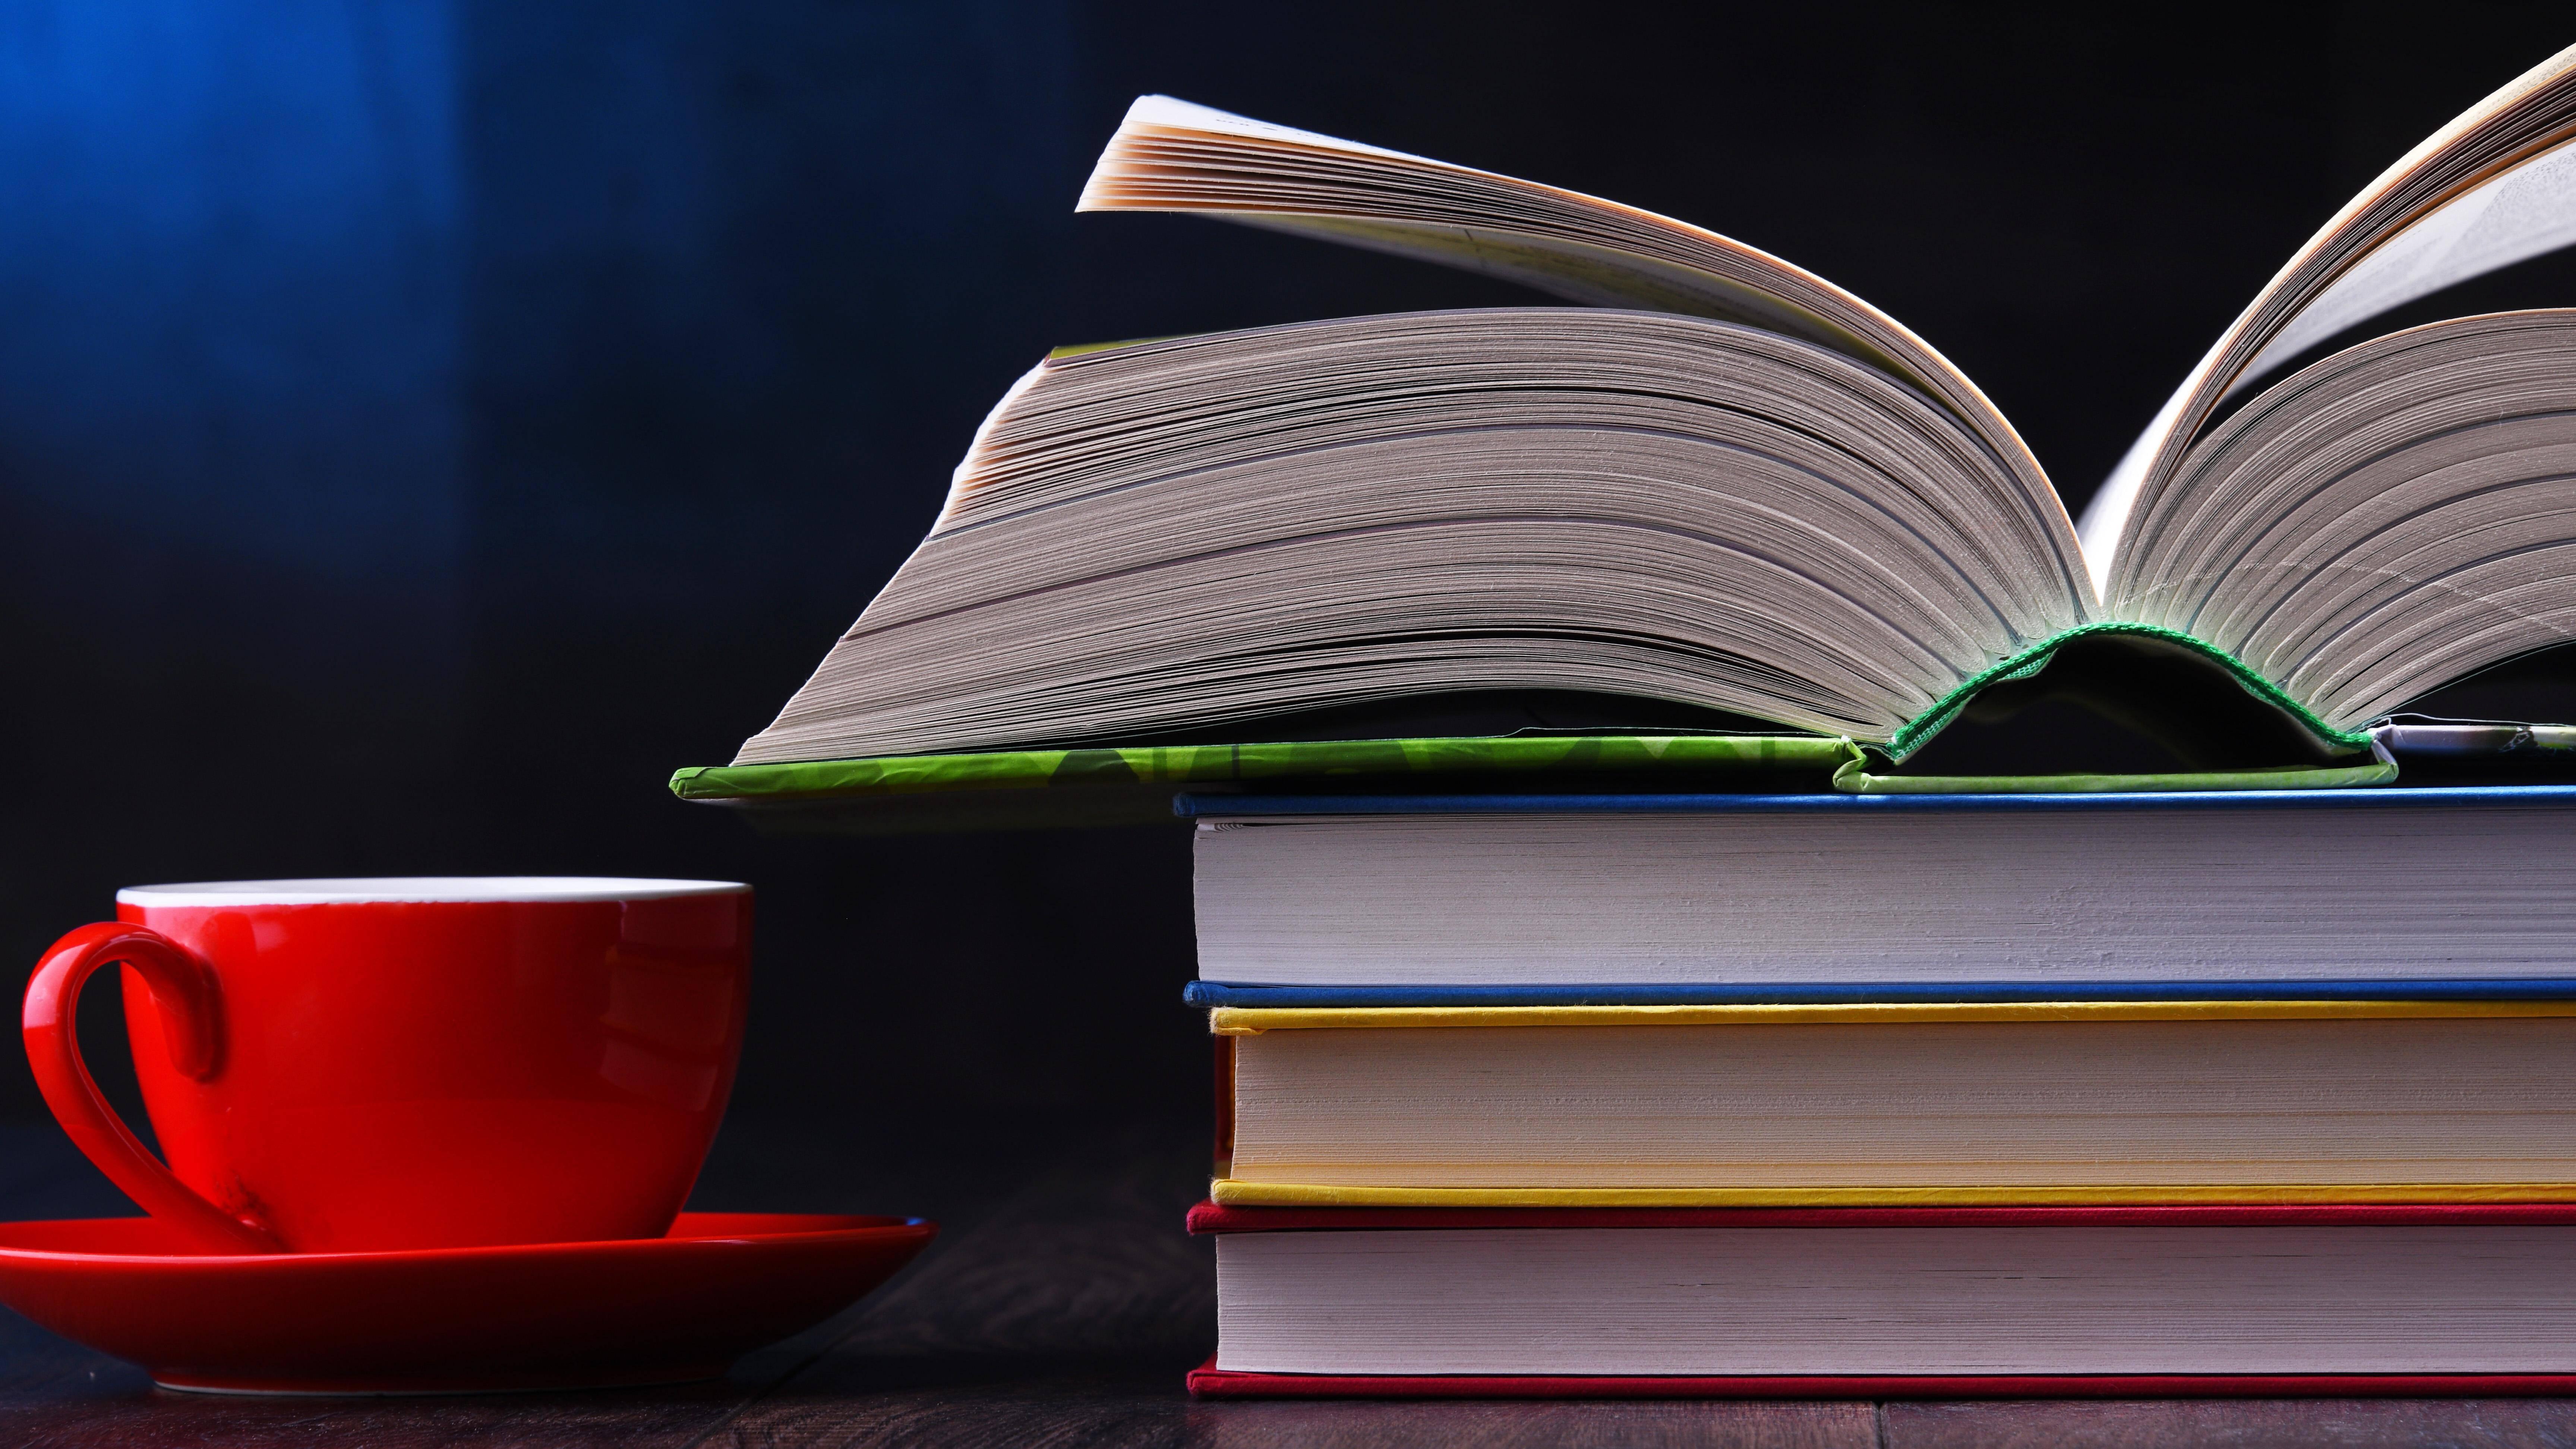 Rahmen- und Binnenhandlung können Sie ergänzend nutzen, wenn Sie selbst eine Geschichte schreiben.